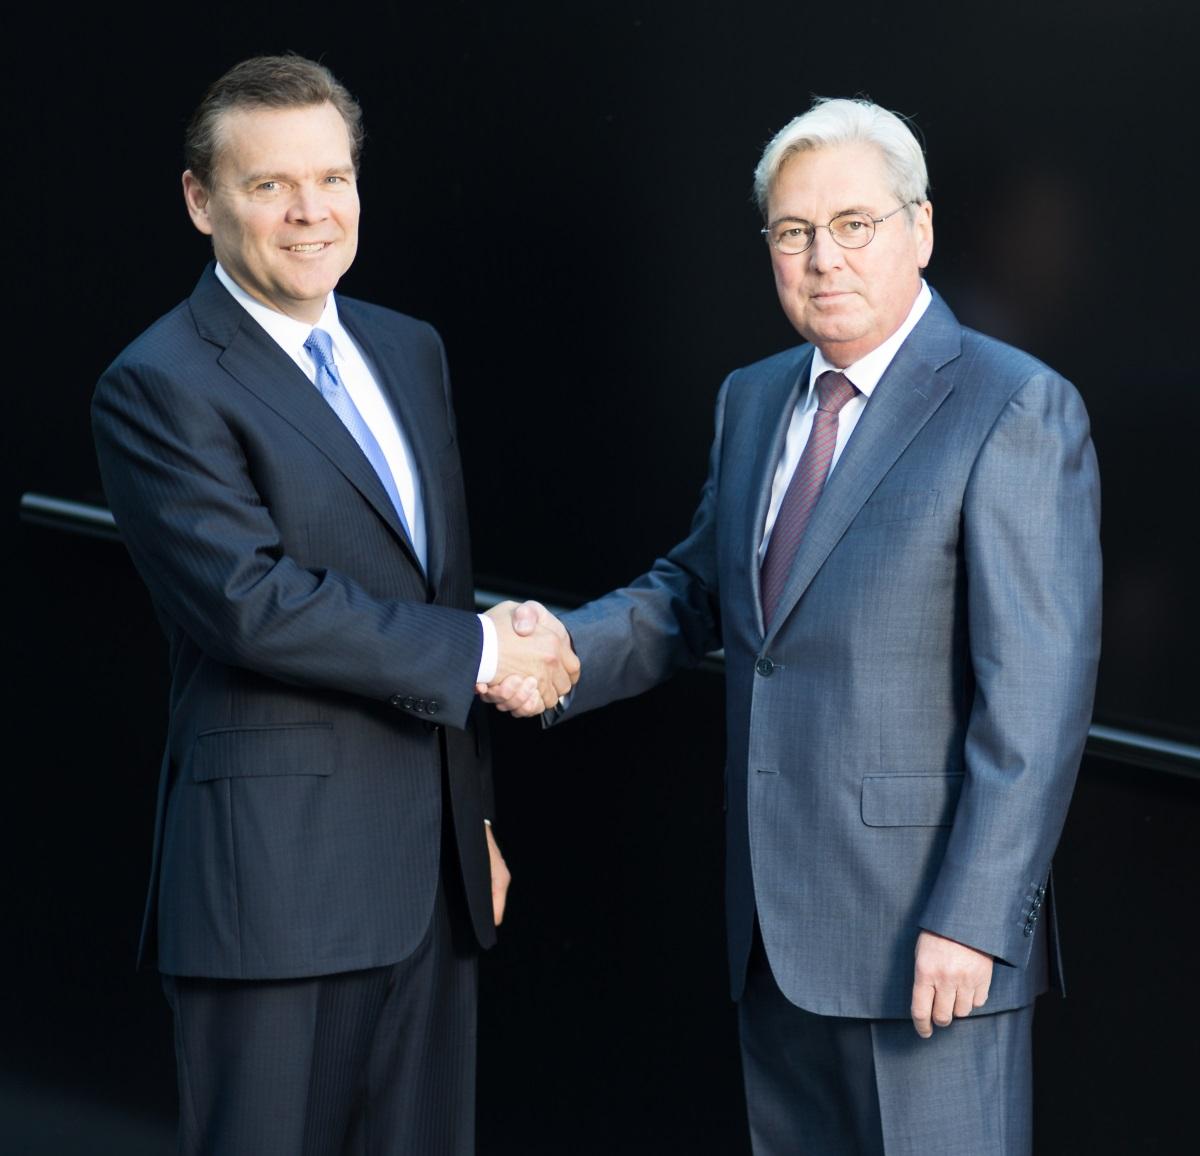 Plástico Moderno, Peter Huntsman (esq.) e Hariolf Kottmann firmaram o acordo